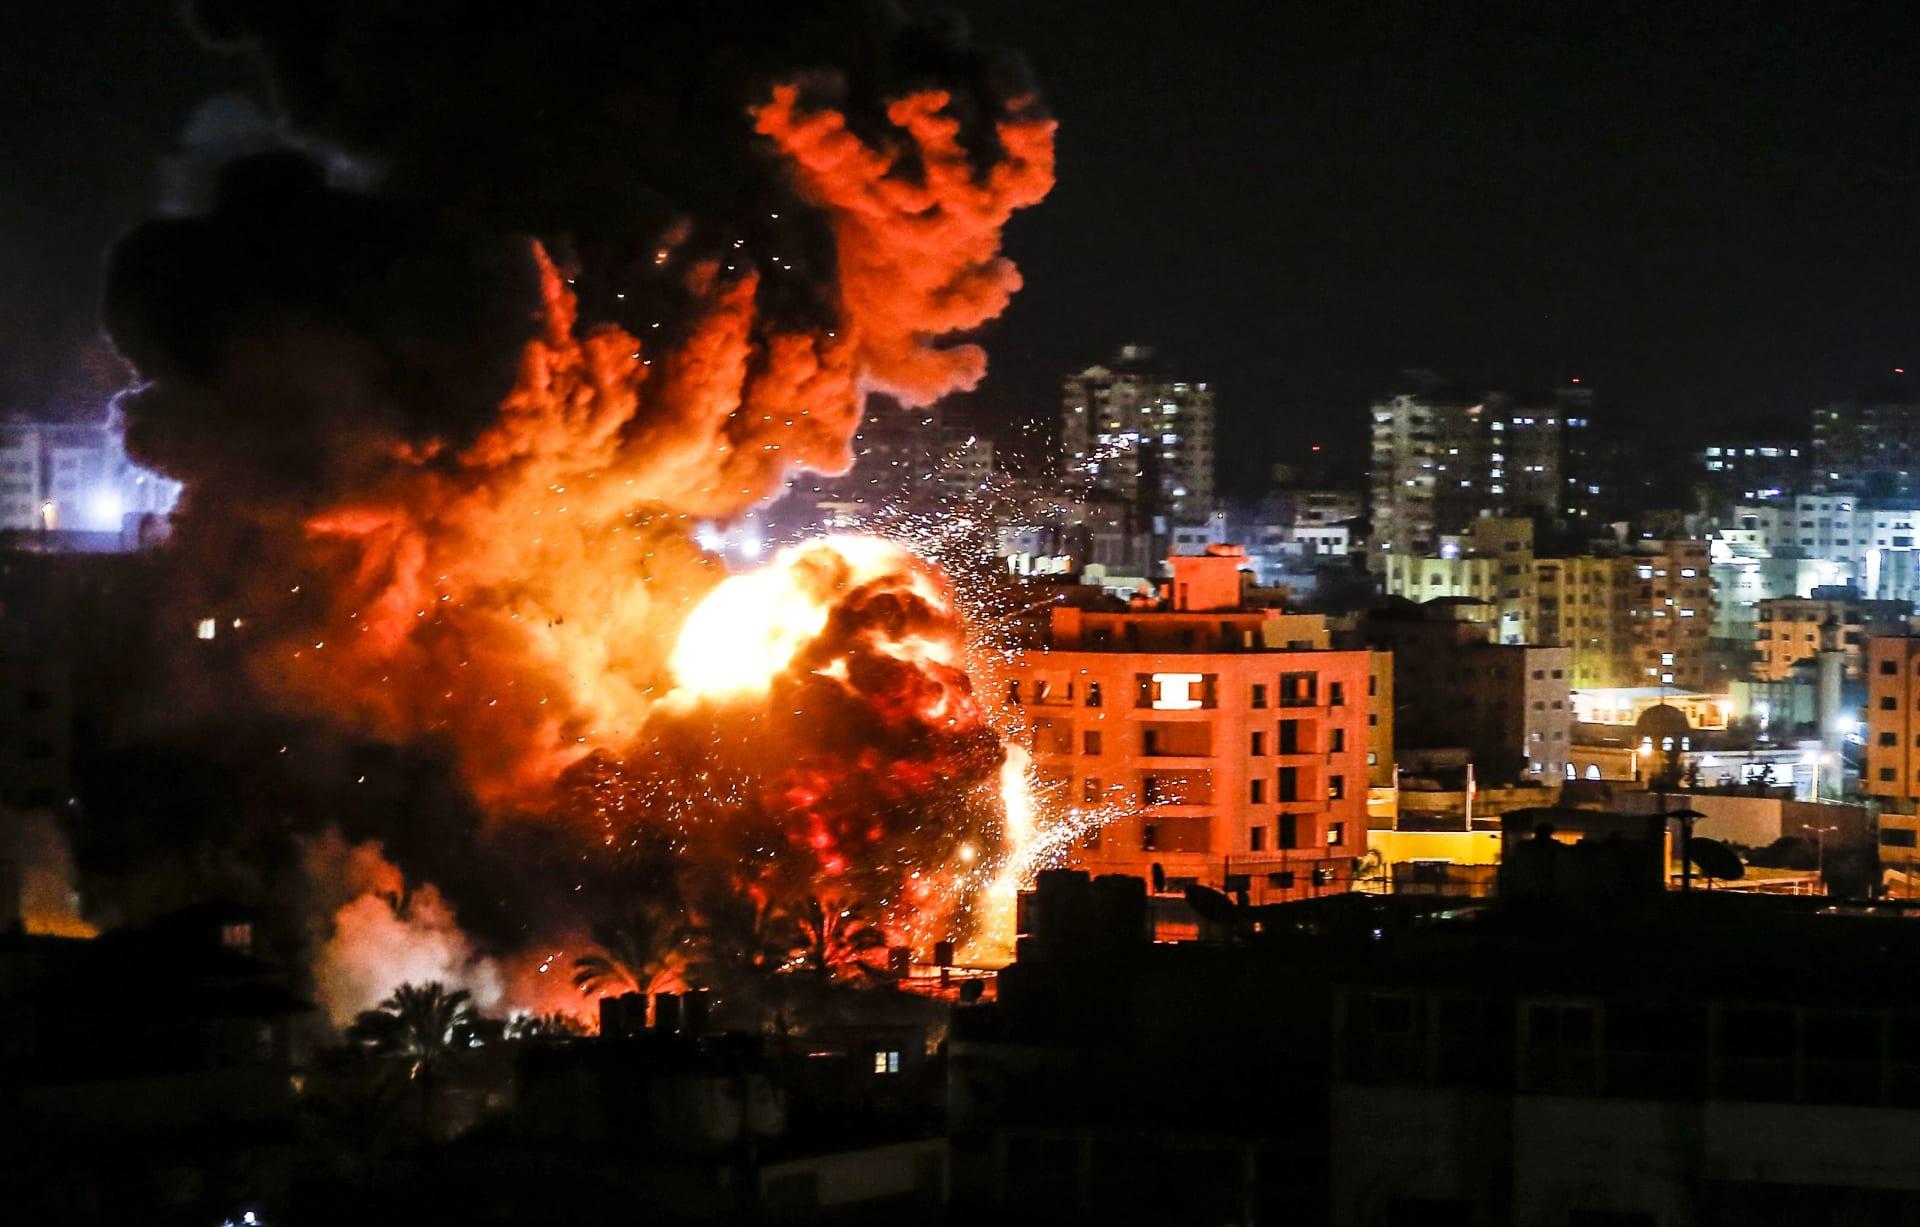 حماس تتنظر تطورا جديدا في جهود الوساطة المصرية لوقف إطلاق النار مع إسرائيل